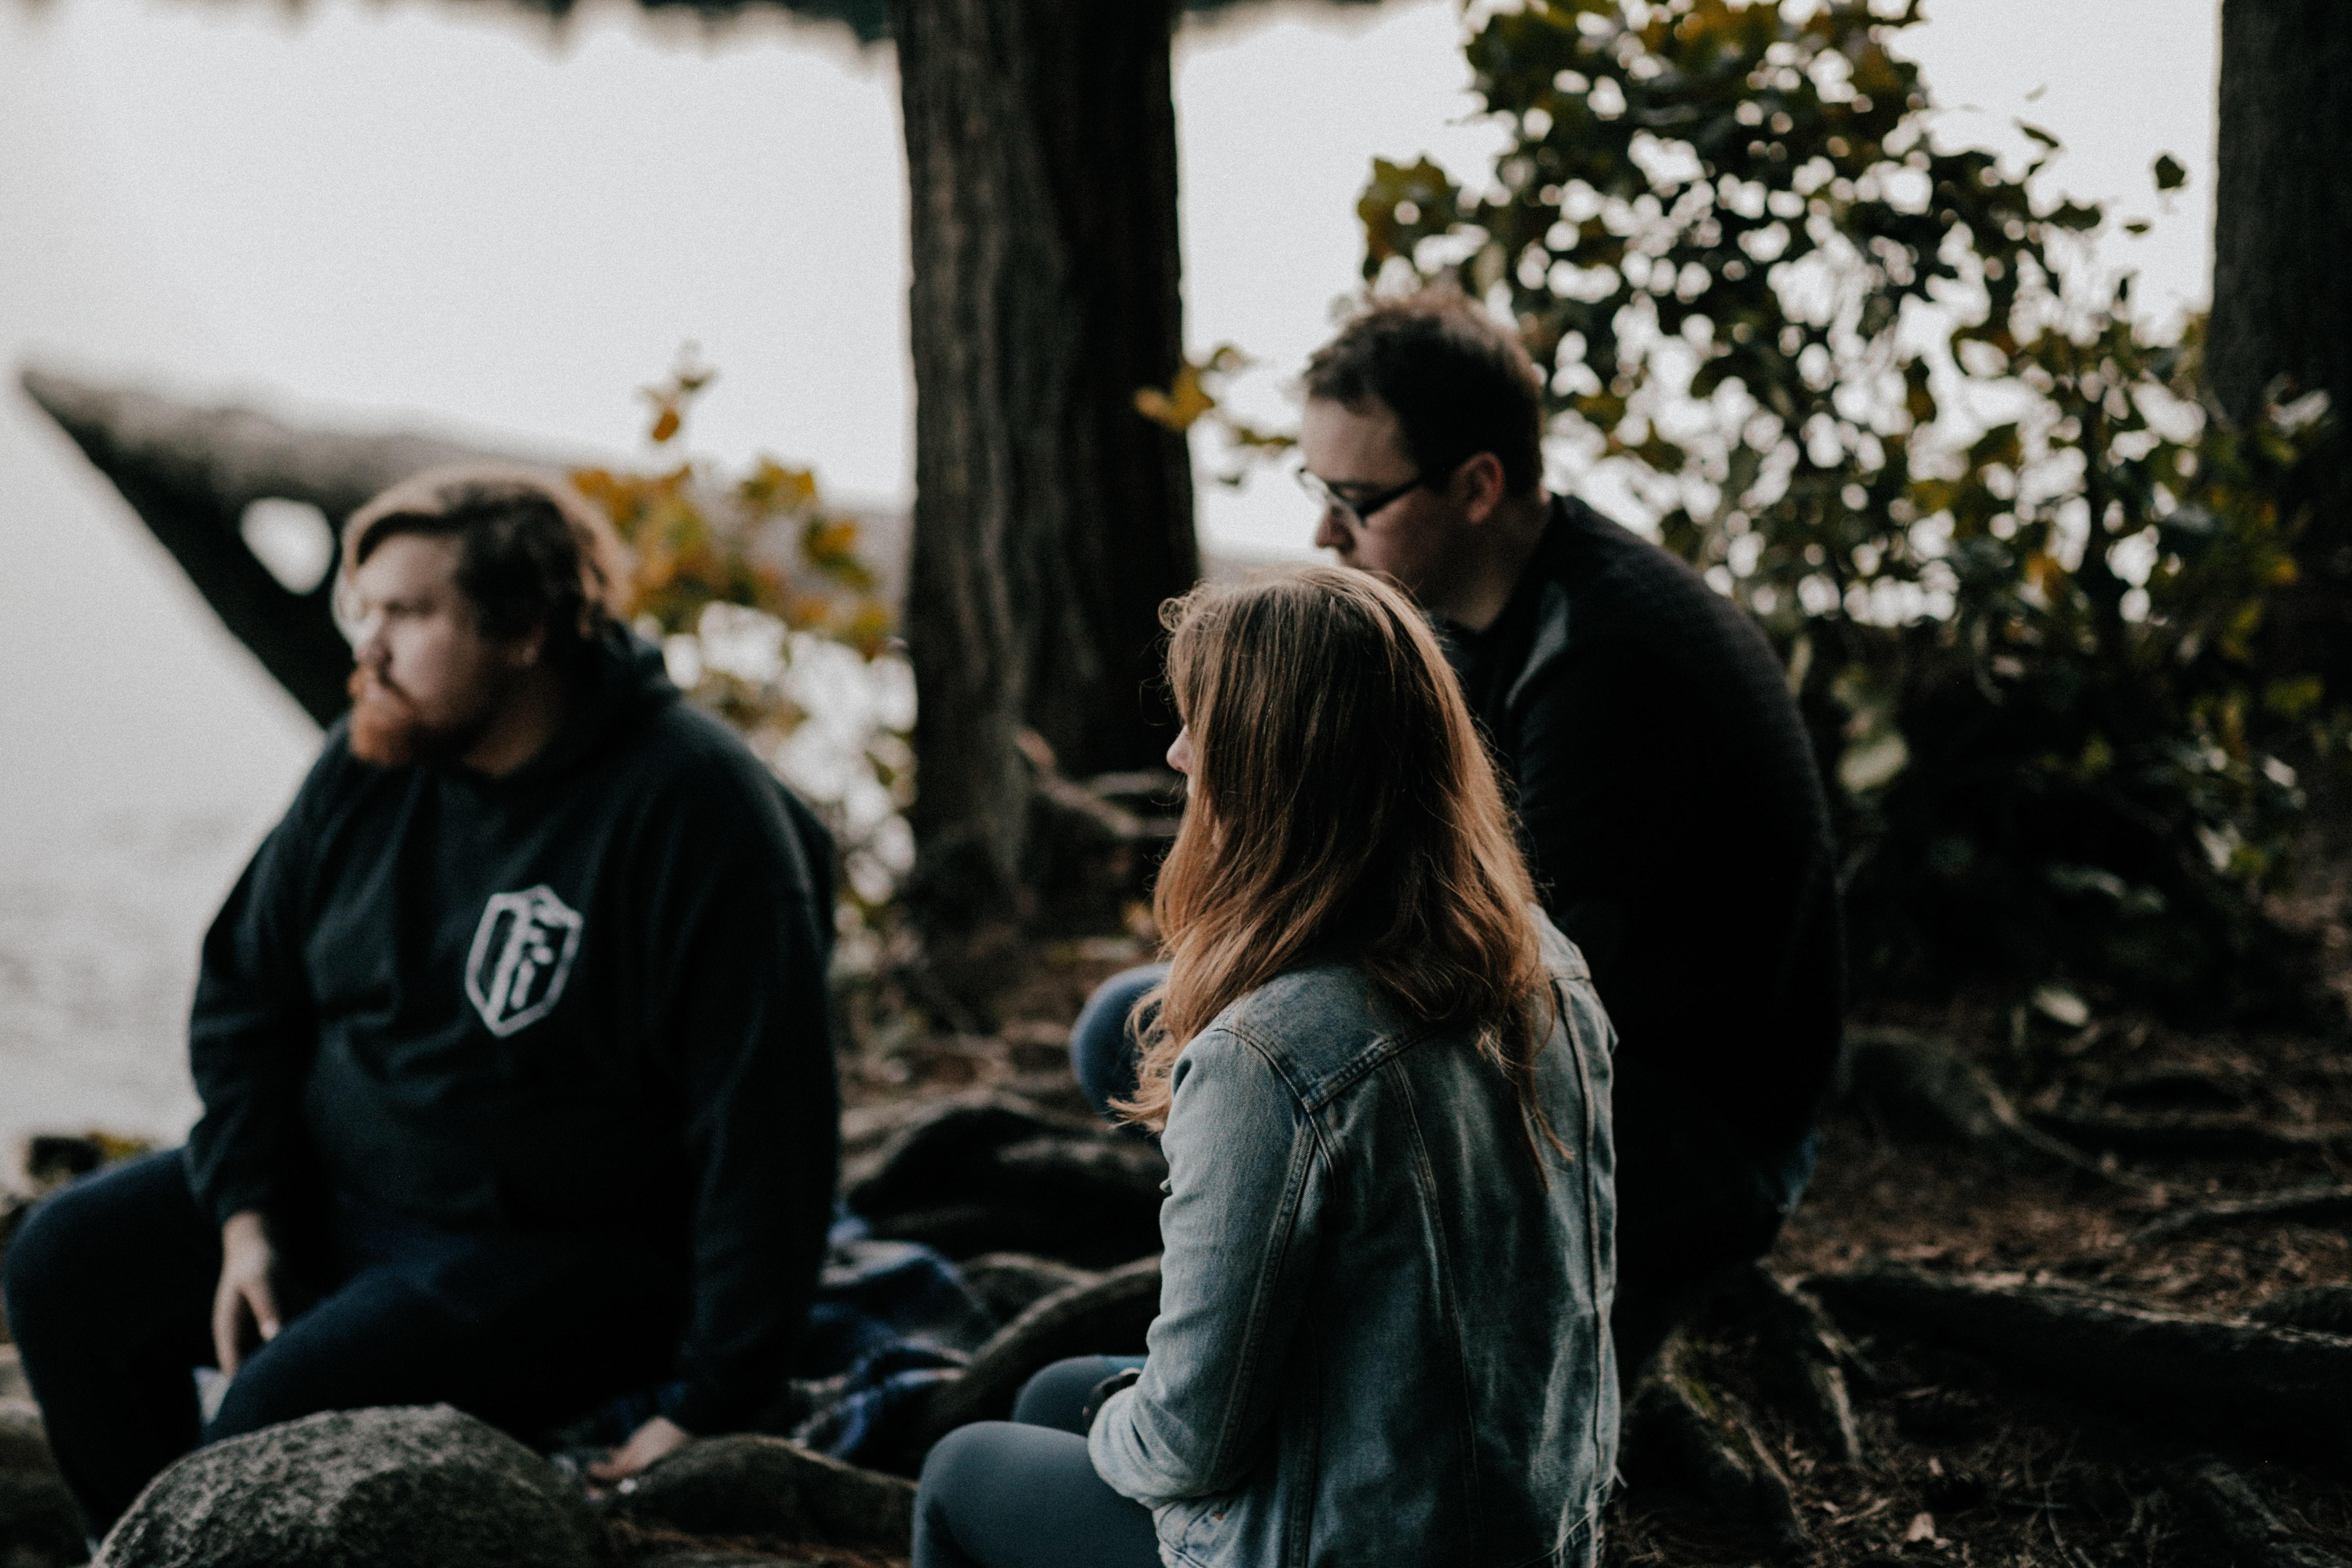 3 people sitting outside talking